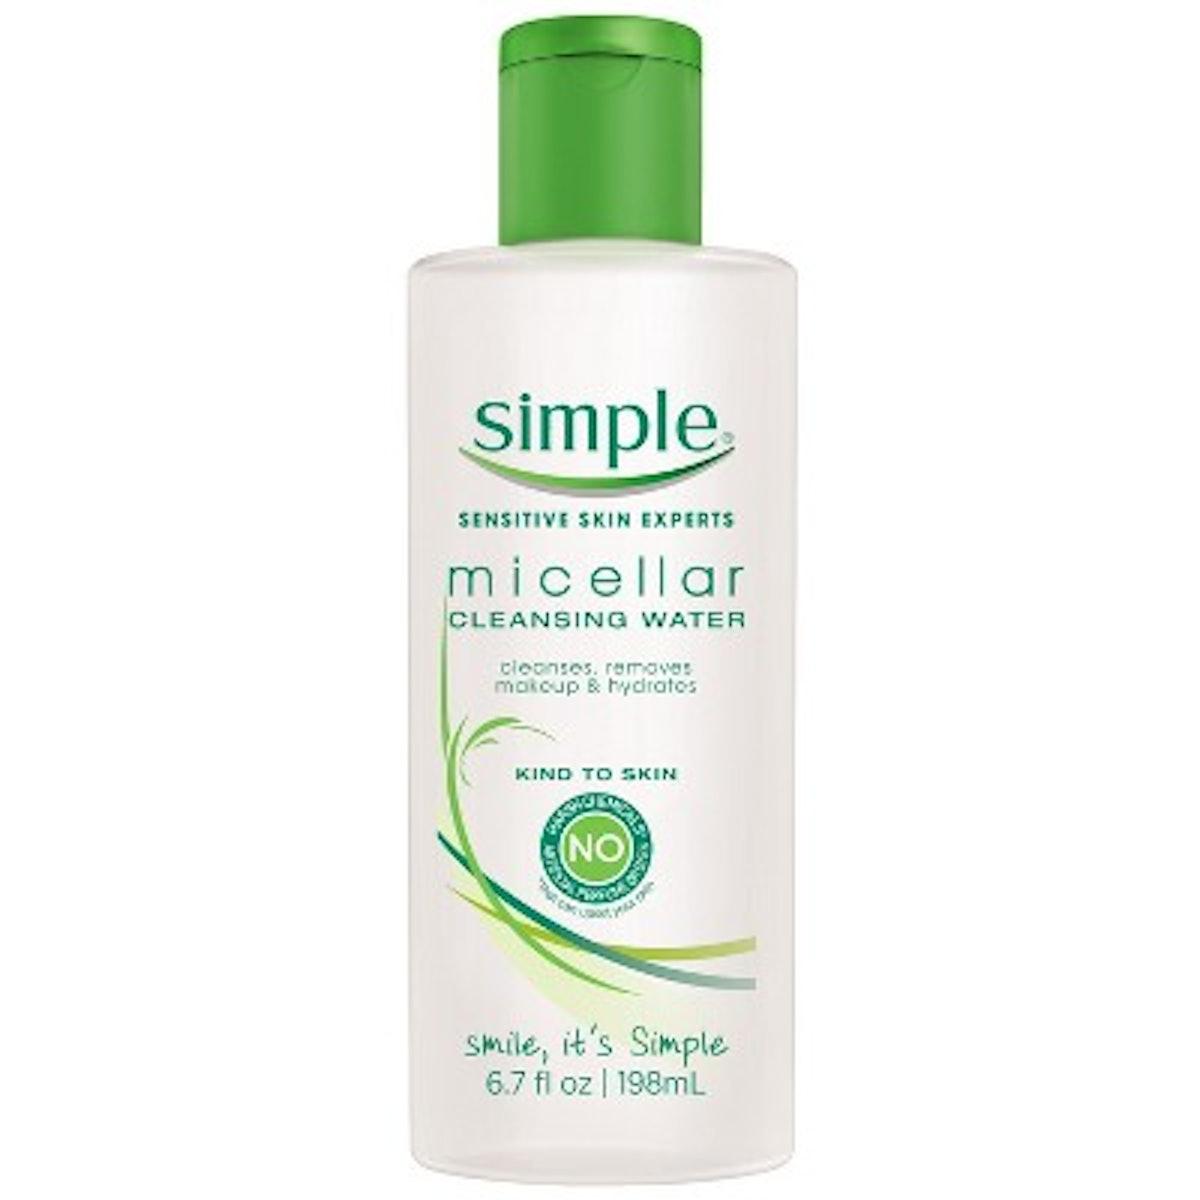 Micellar Cleansing Water